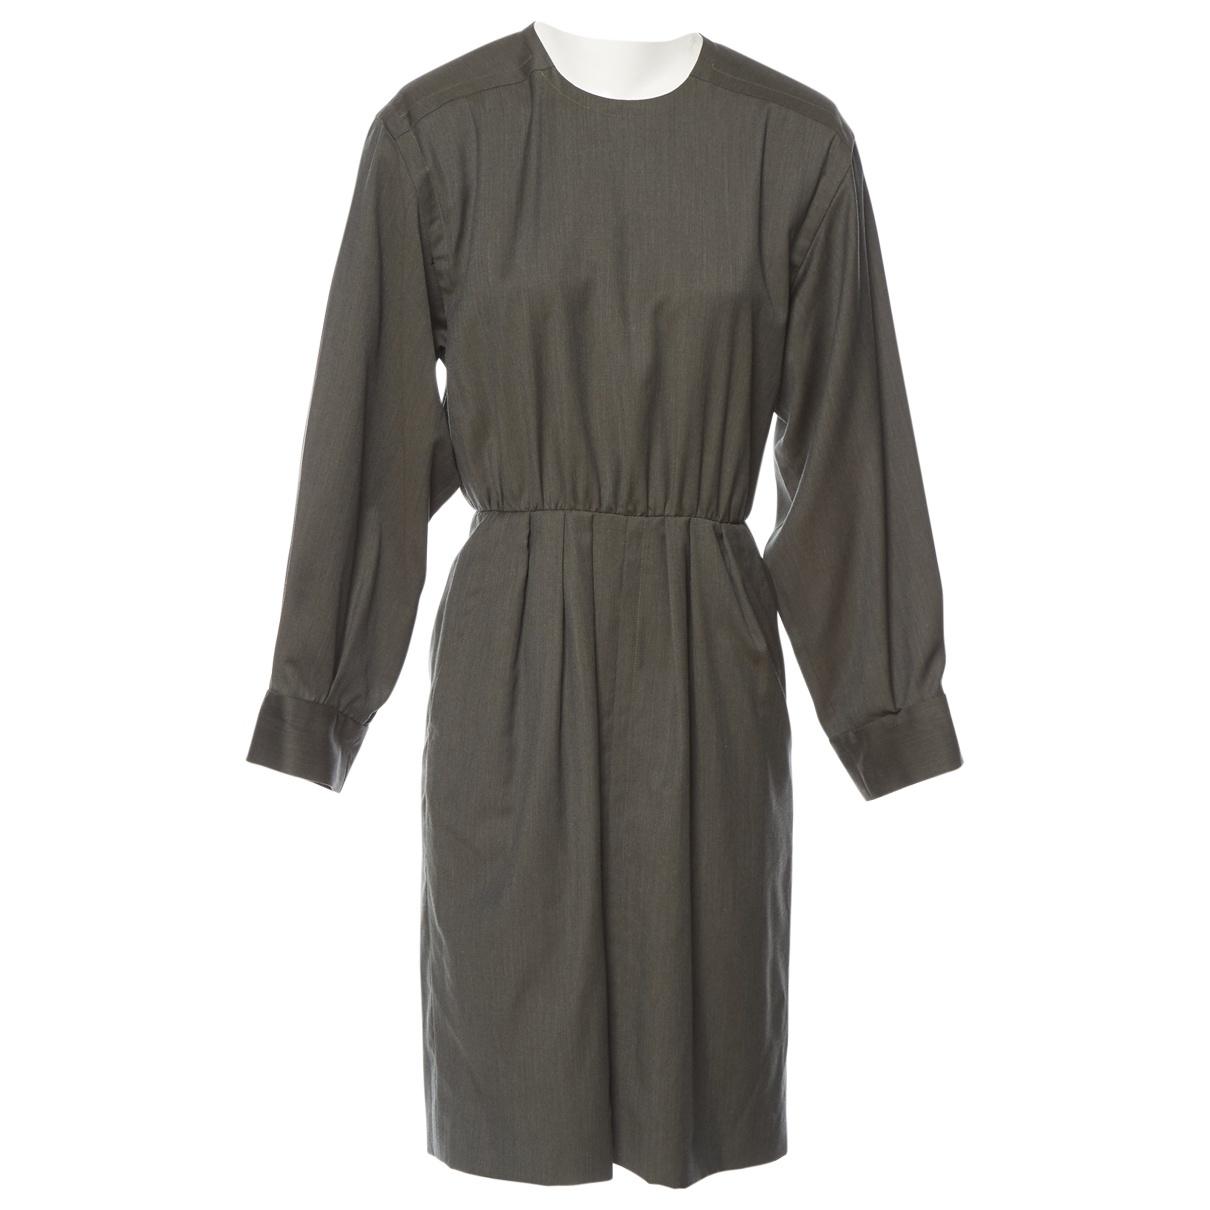 Yves Saint Laurent \N Kleid in  Khaki Wolle